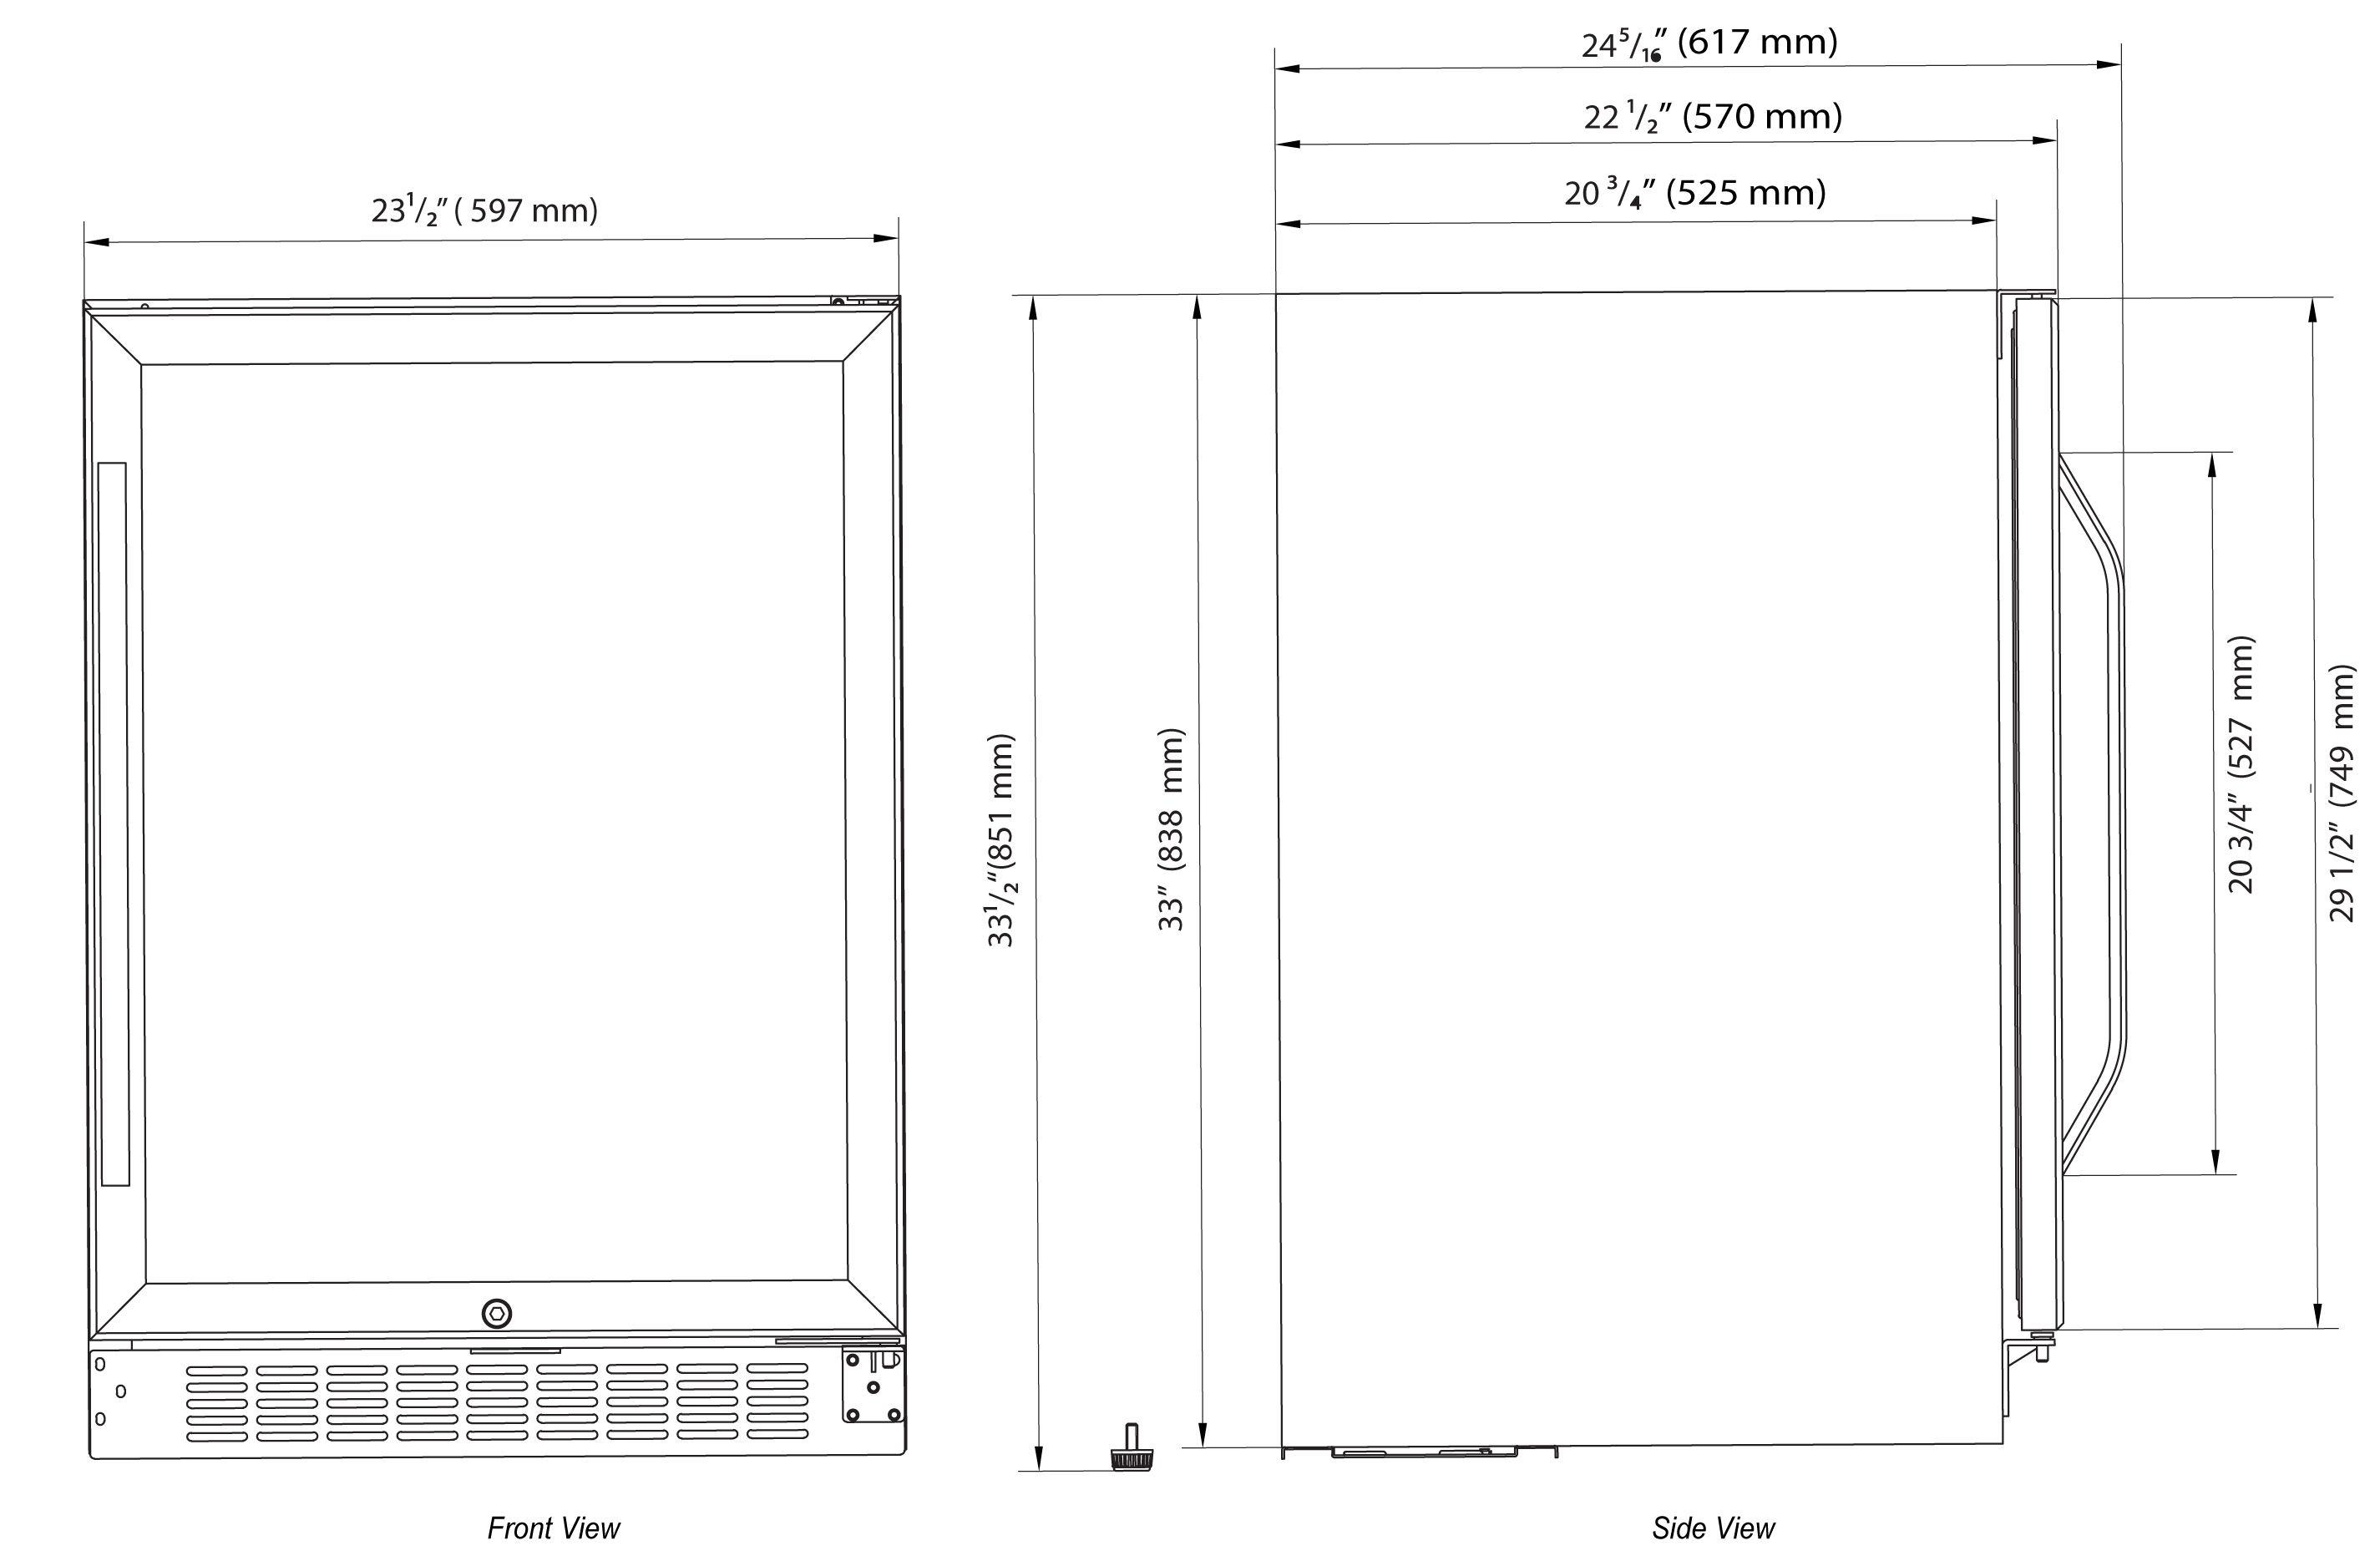 medium resolution of edgestar wiring diagram wiring diagram data val edgestar wiring diagram